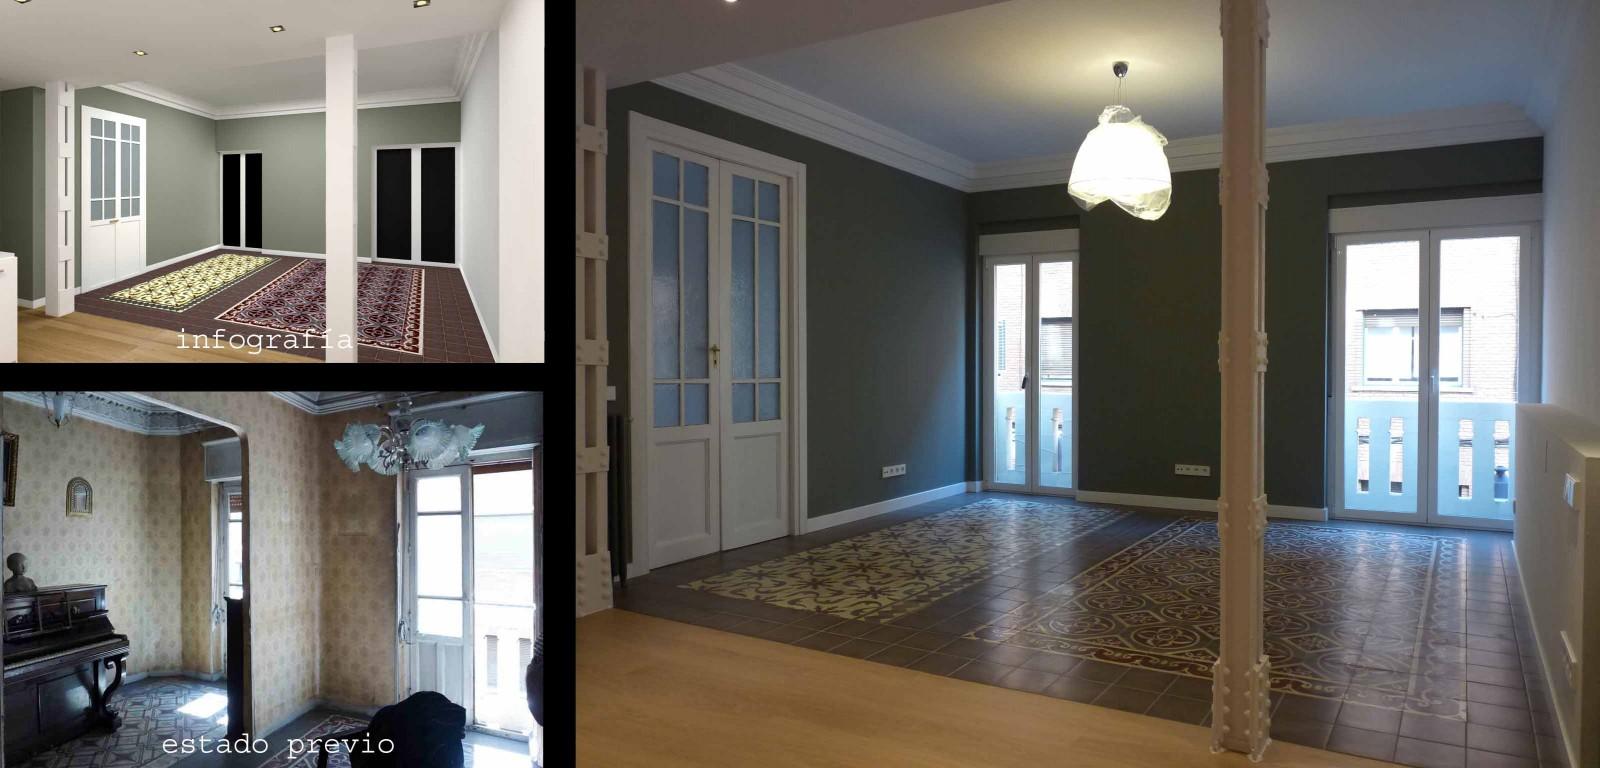 Se restauraron dos suelos de baldosa hidráulica originales que recolocamos en el salón a modo de alfombras.